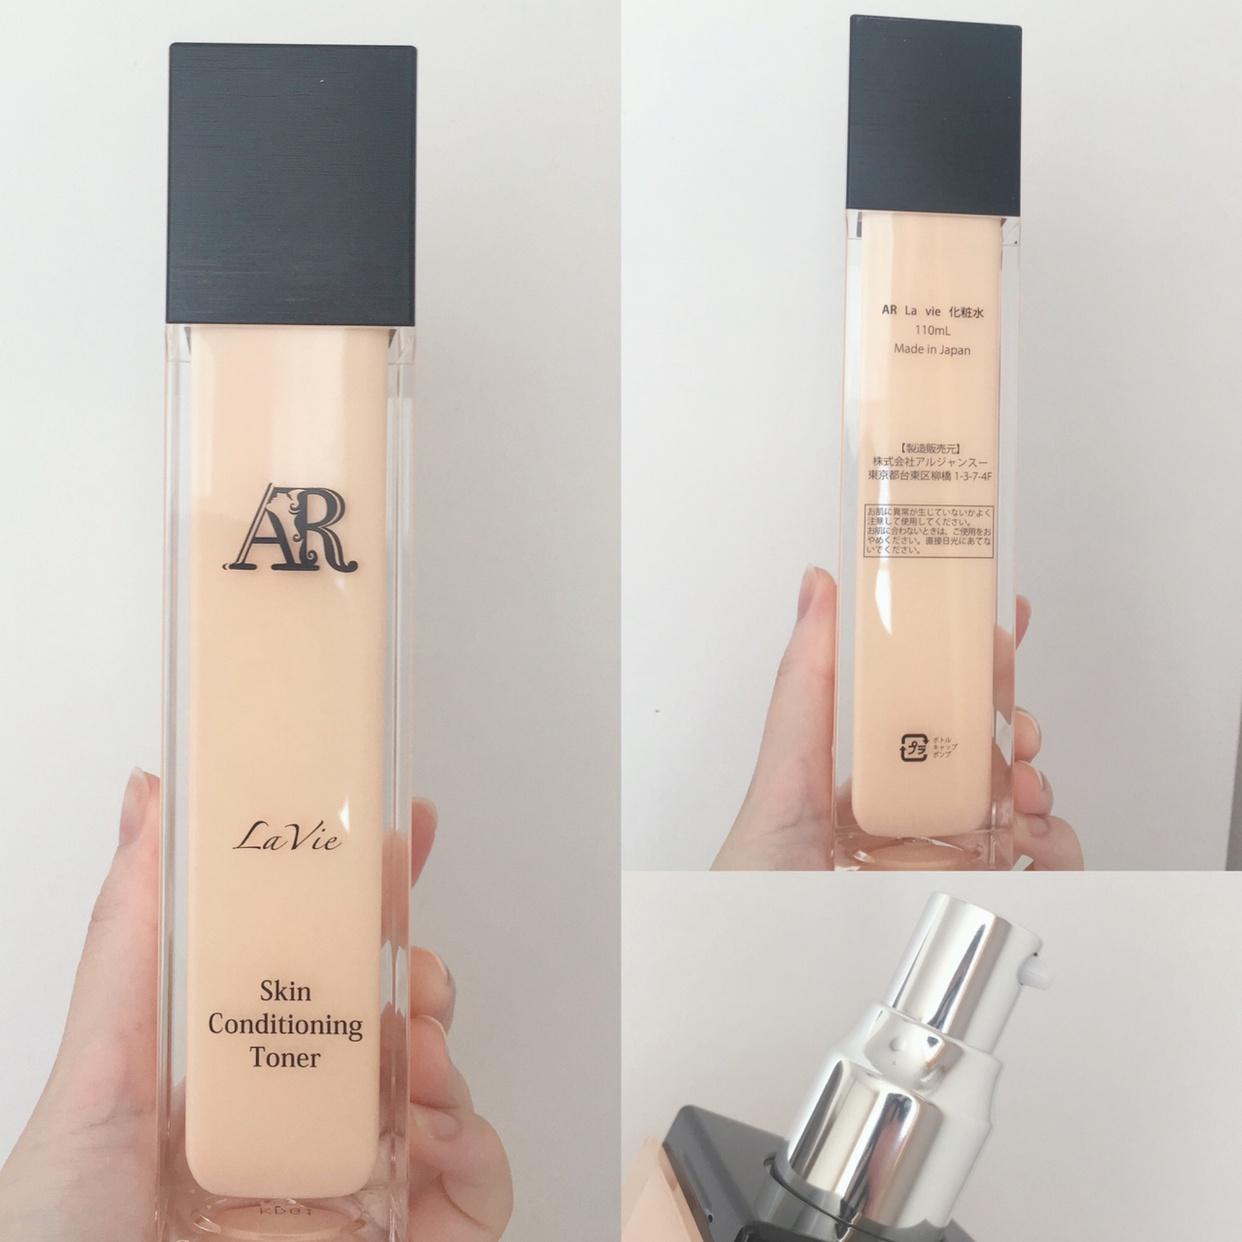 AR Cosmetics TOKYO(エーアールコスメティクストウキョウ) AR化粧水を使ったyunaさんのクチコミ画像3